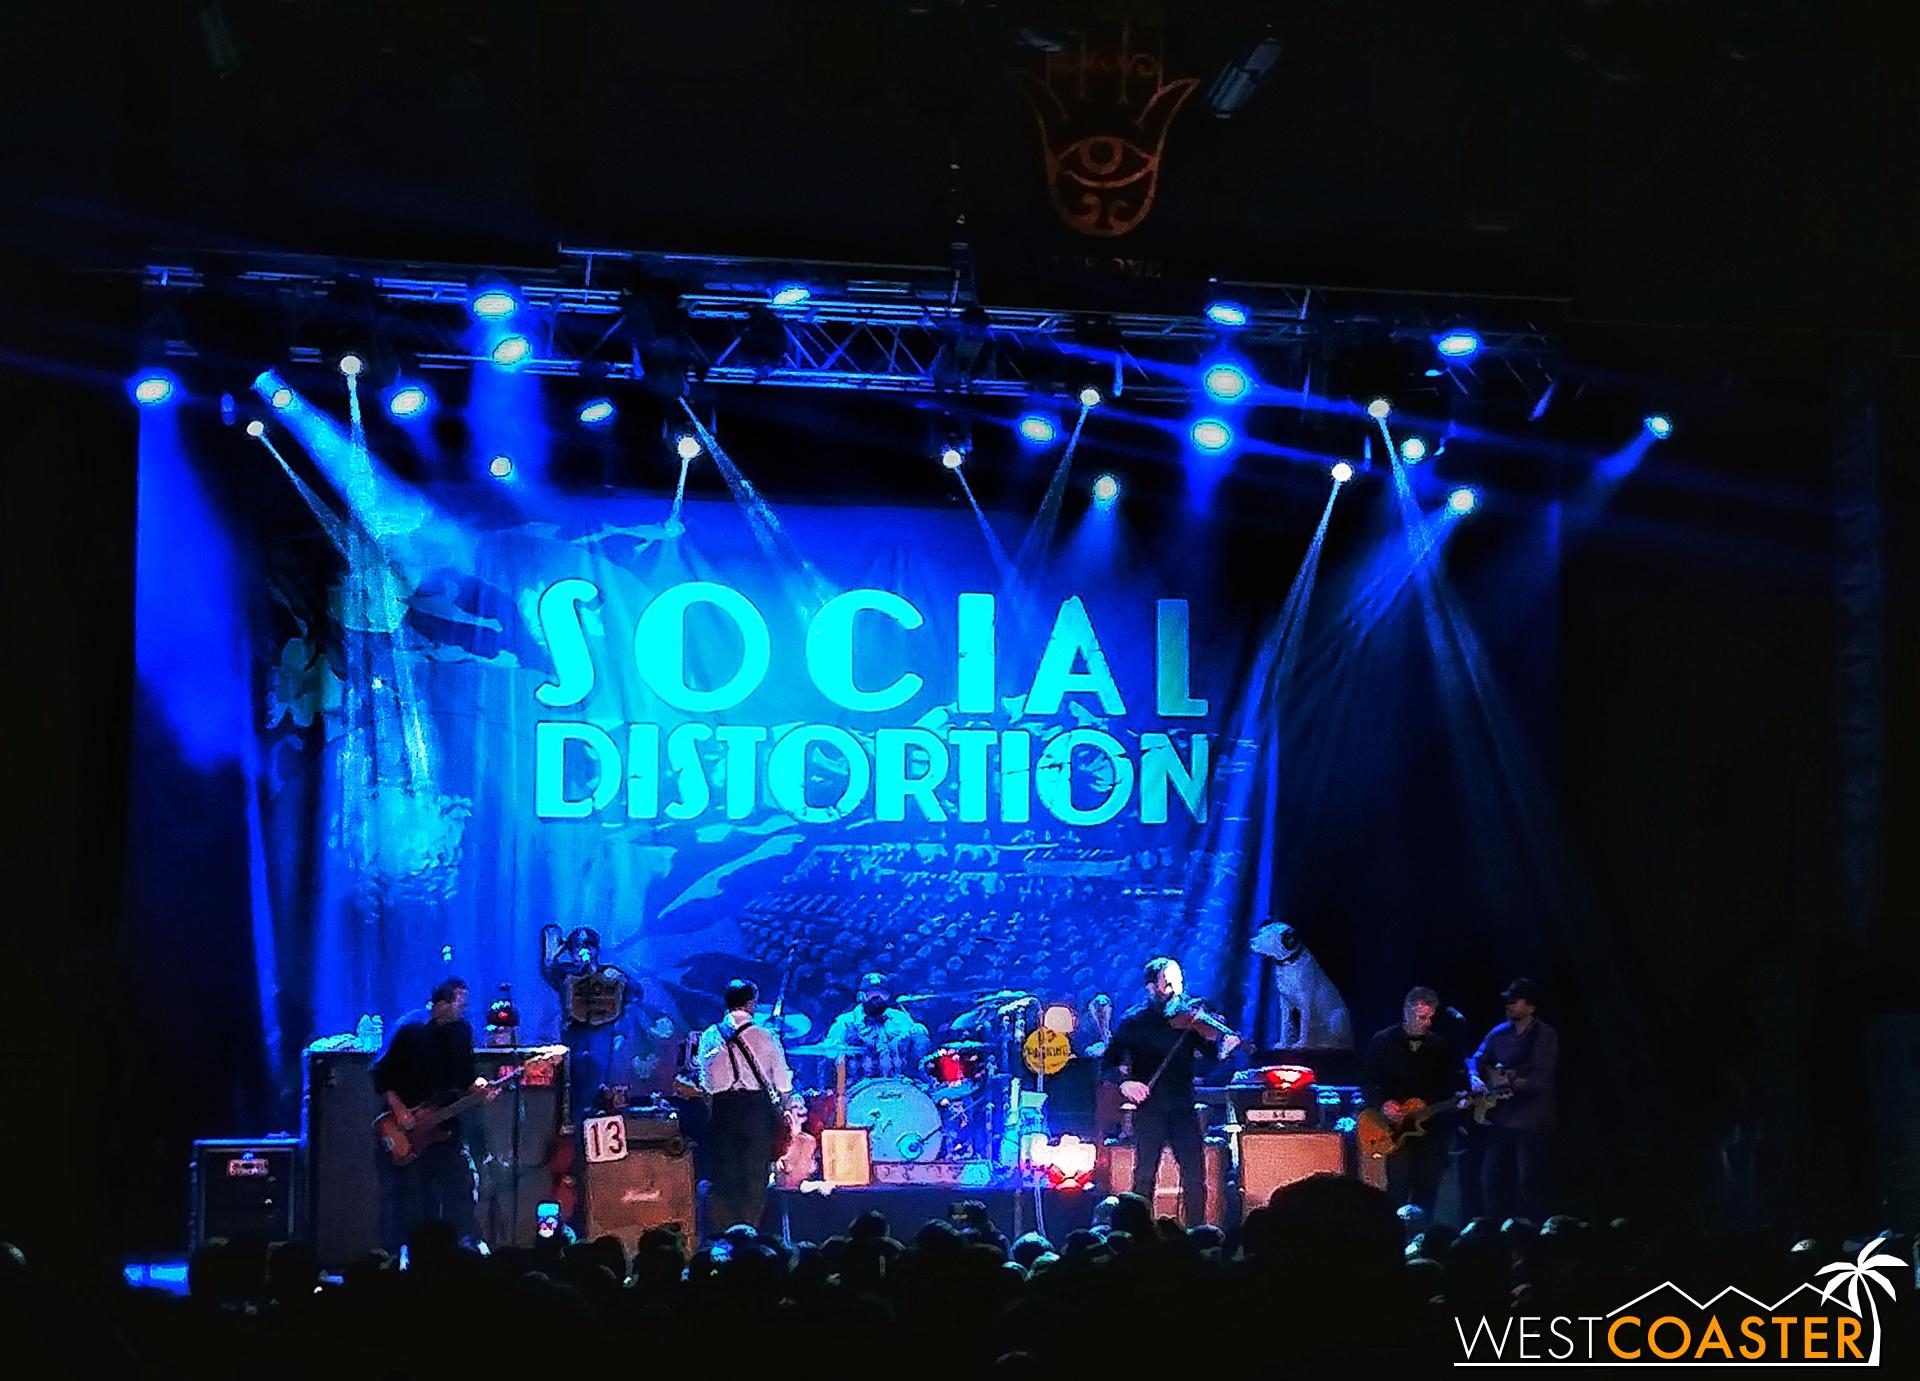 Social Distortion.